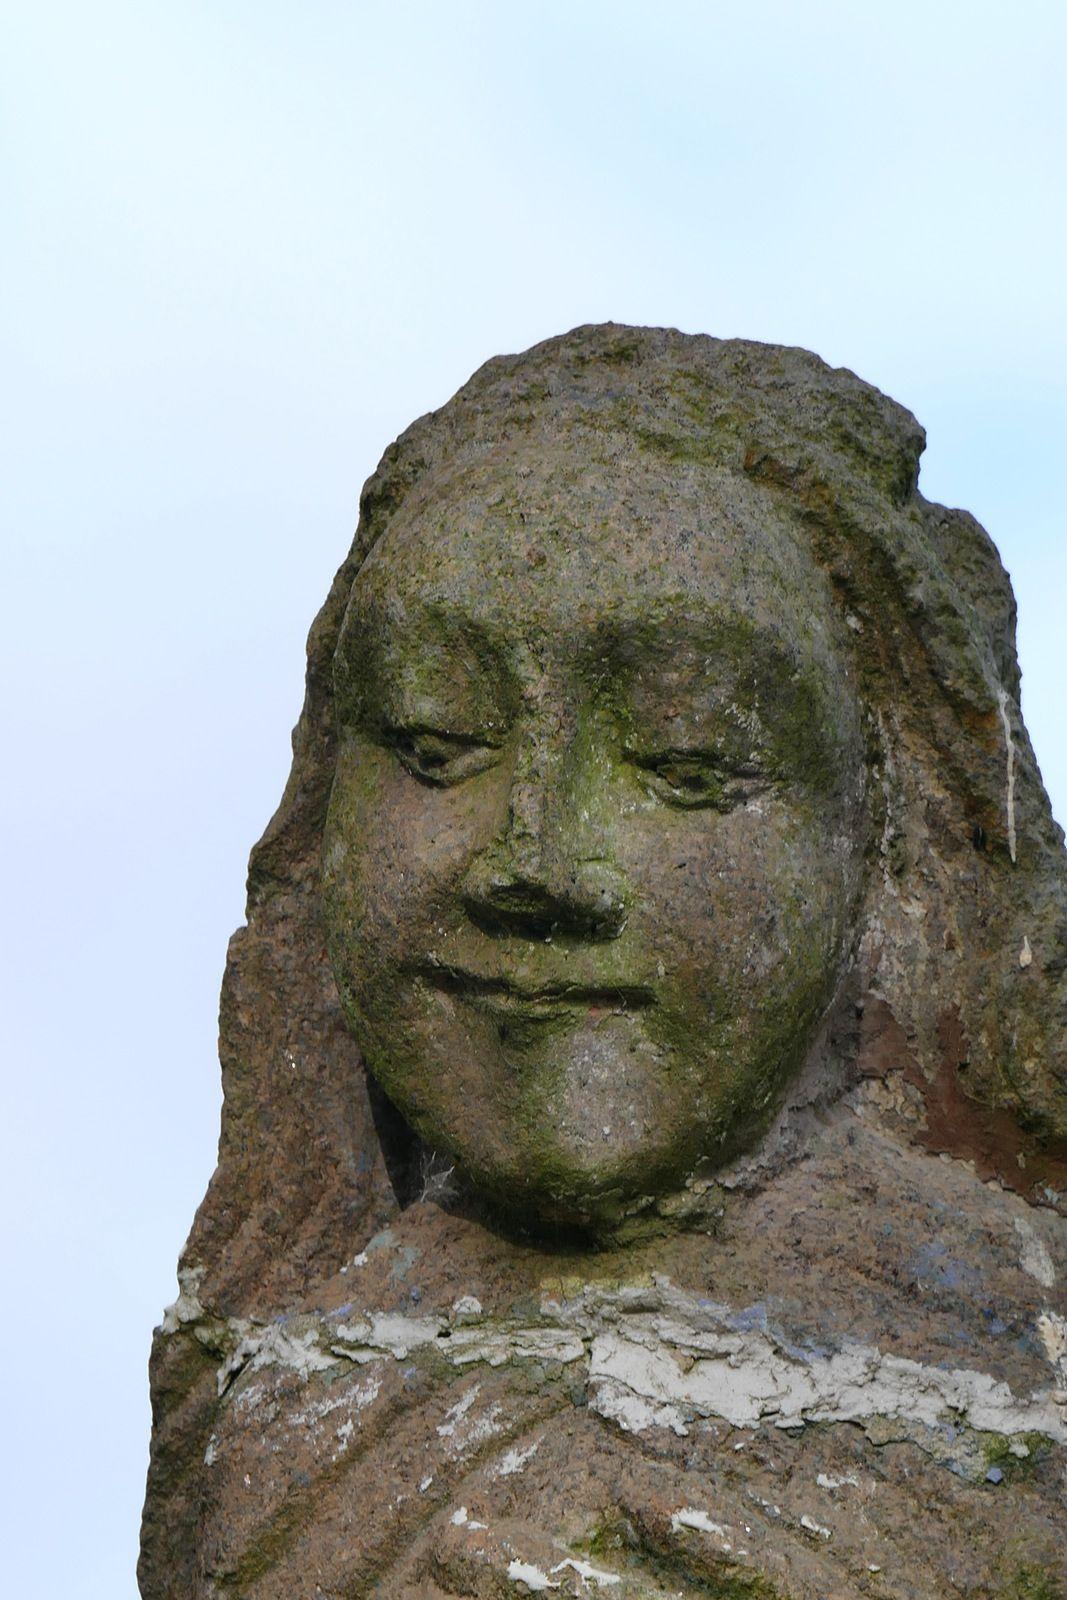 Sainte Anne éducatrice (kersanton, 1642, Roland Doré) de la fontaine de Sainte-Anne-la-Palud. Photographie lavieb-aile juin 2020.